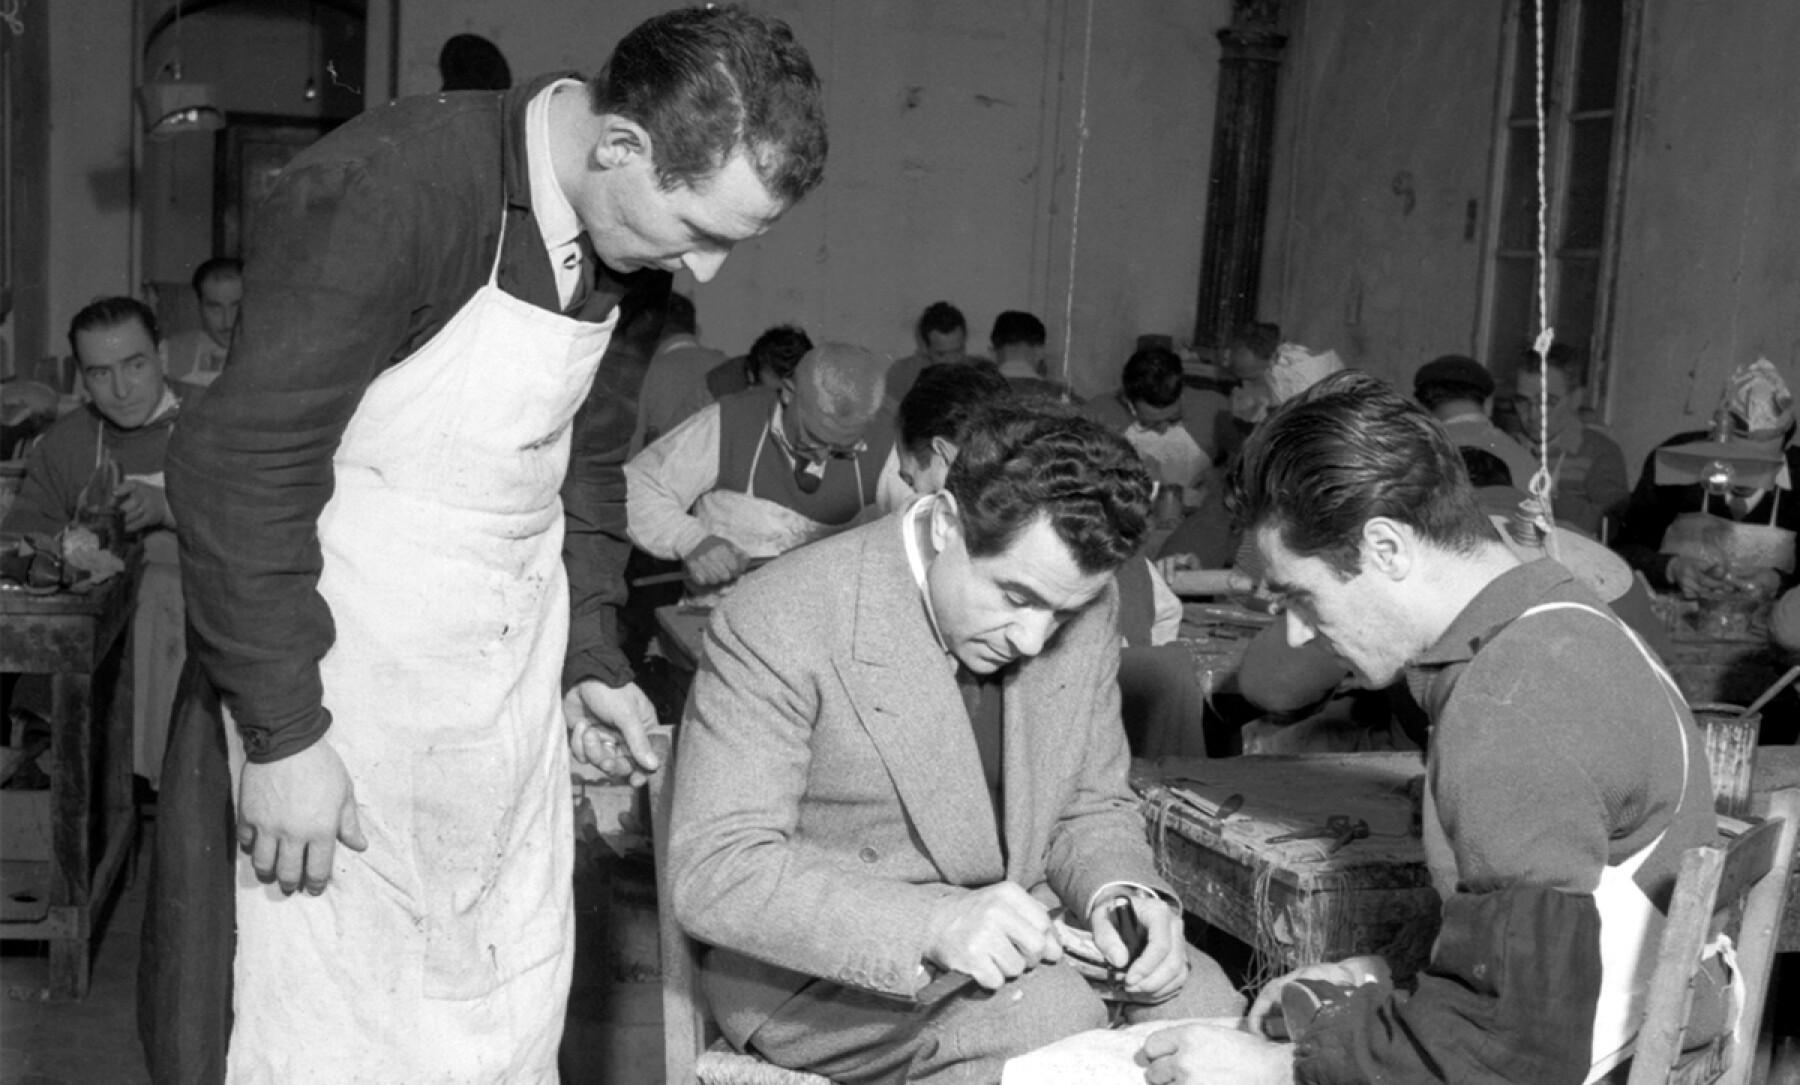 Foto: Ferragamo; Salvatore Ferragamo y sus artesanos, 1940